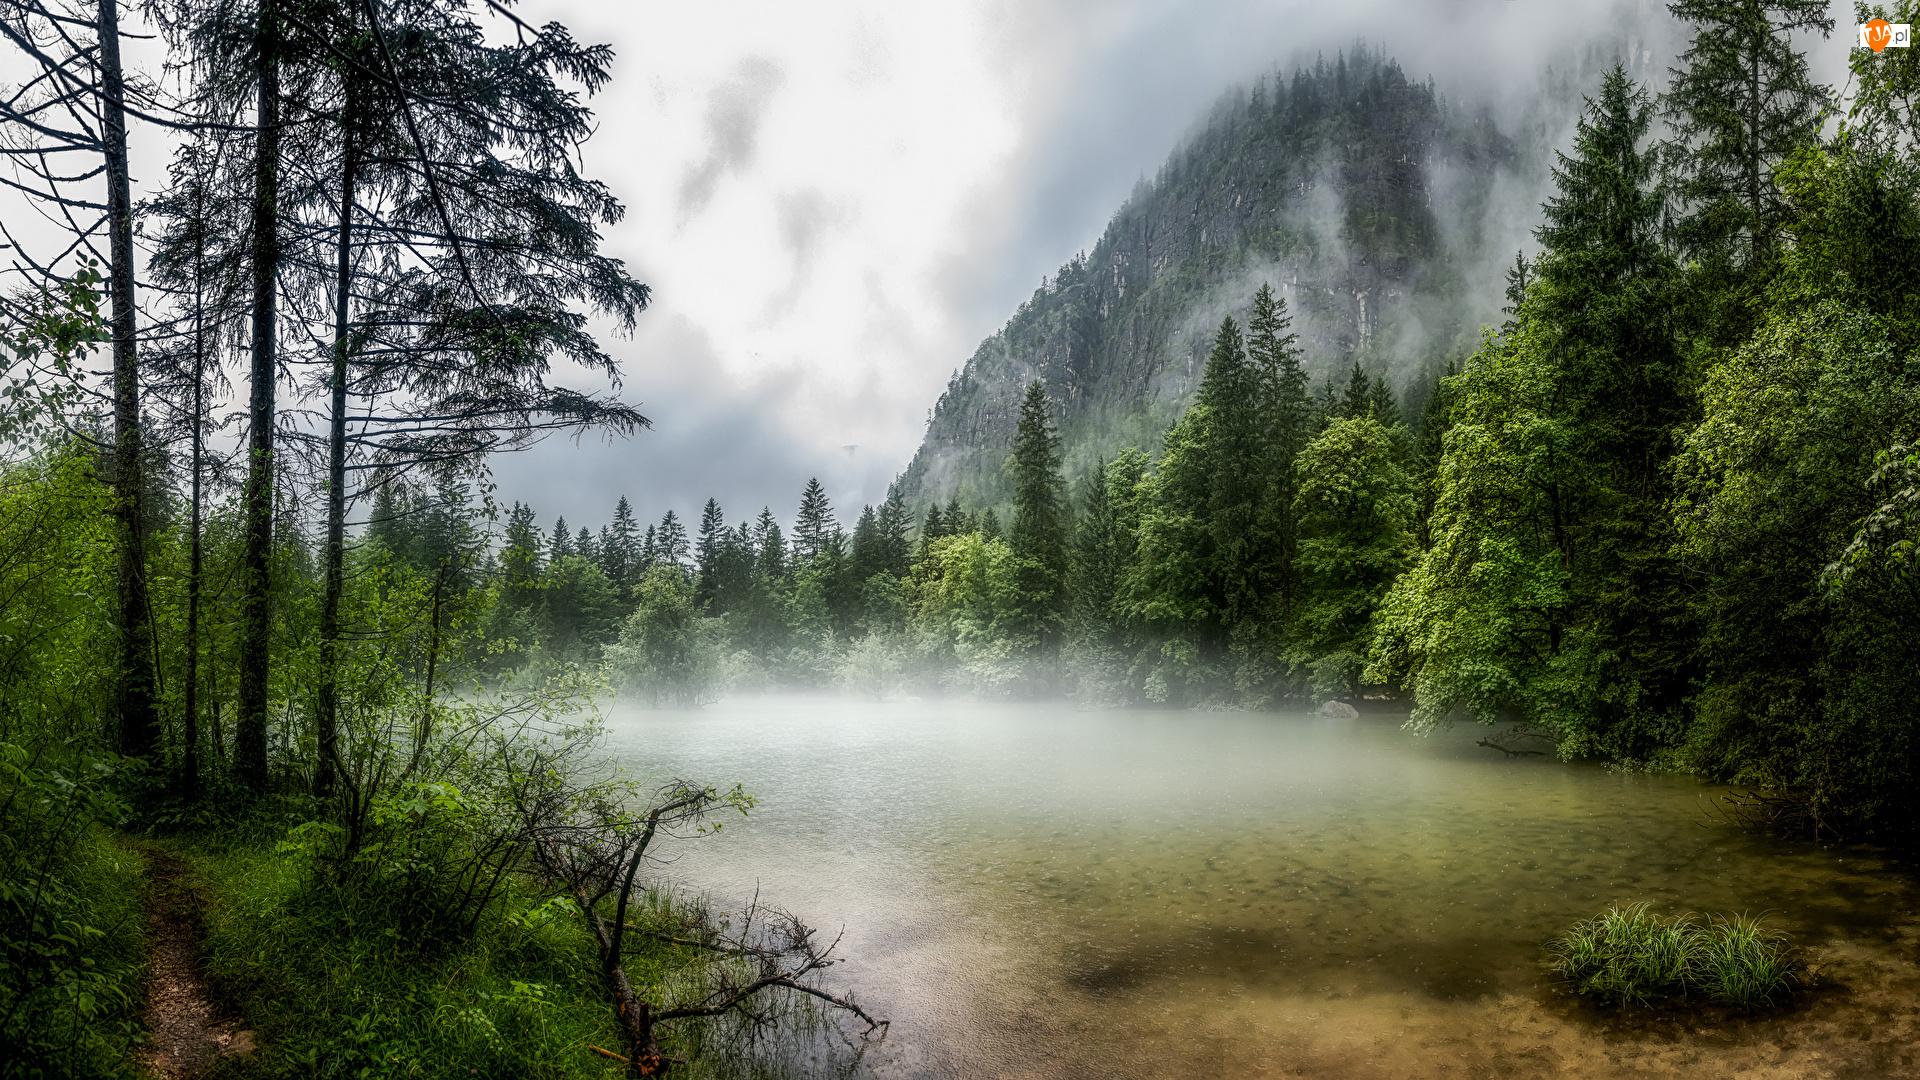 Jezioro Koppenwinkellacke, Ścieżka, Austria, Góry, Obertraun, Mgła, Drzewa